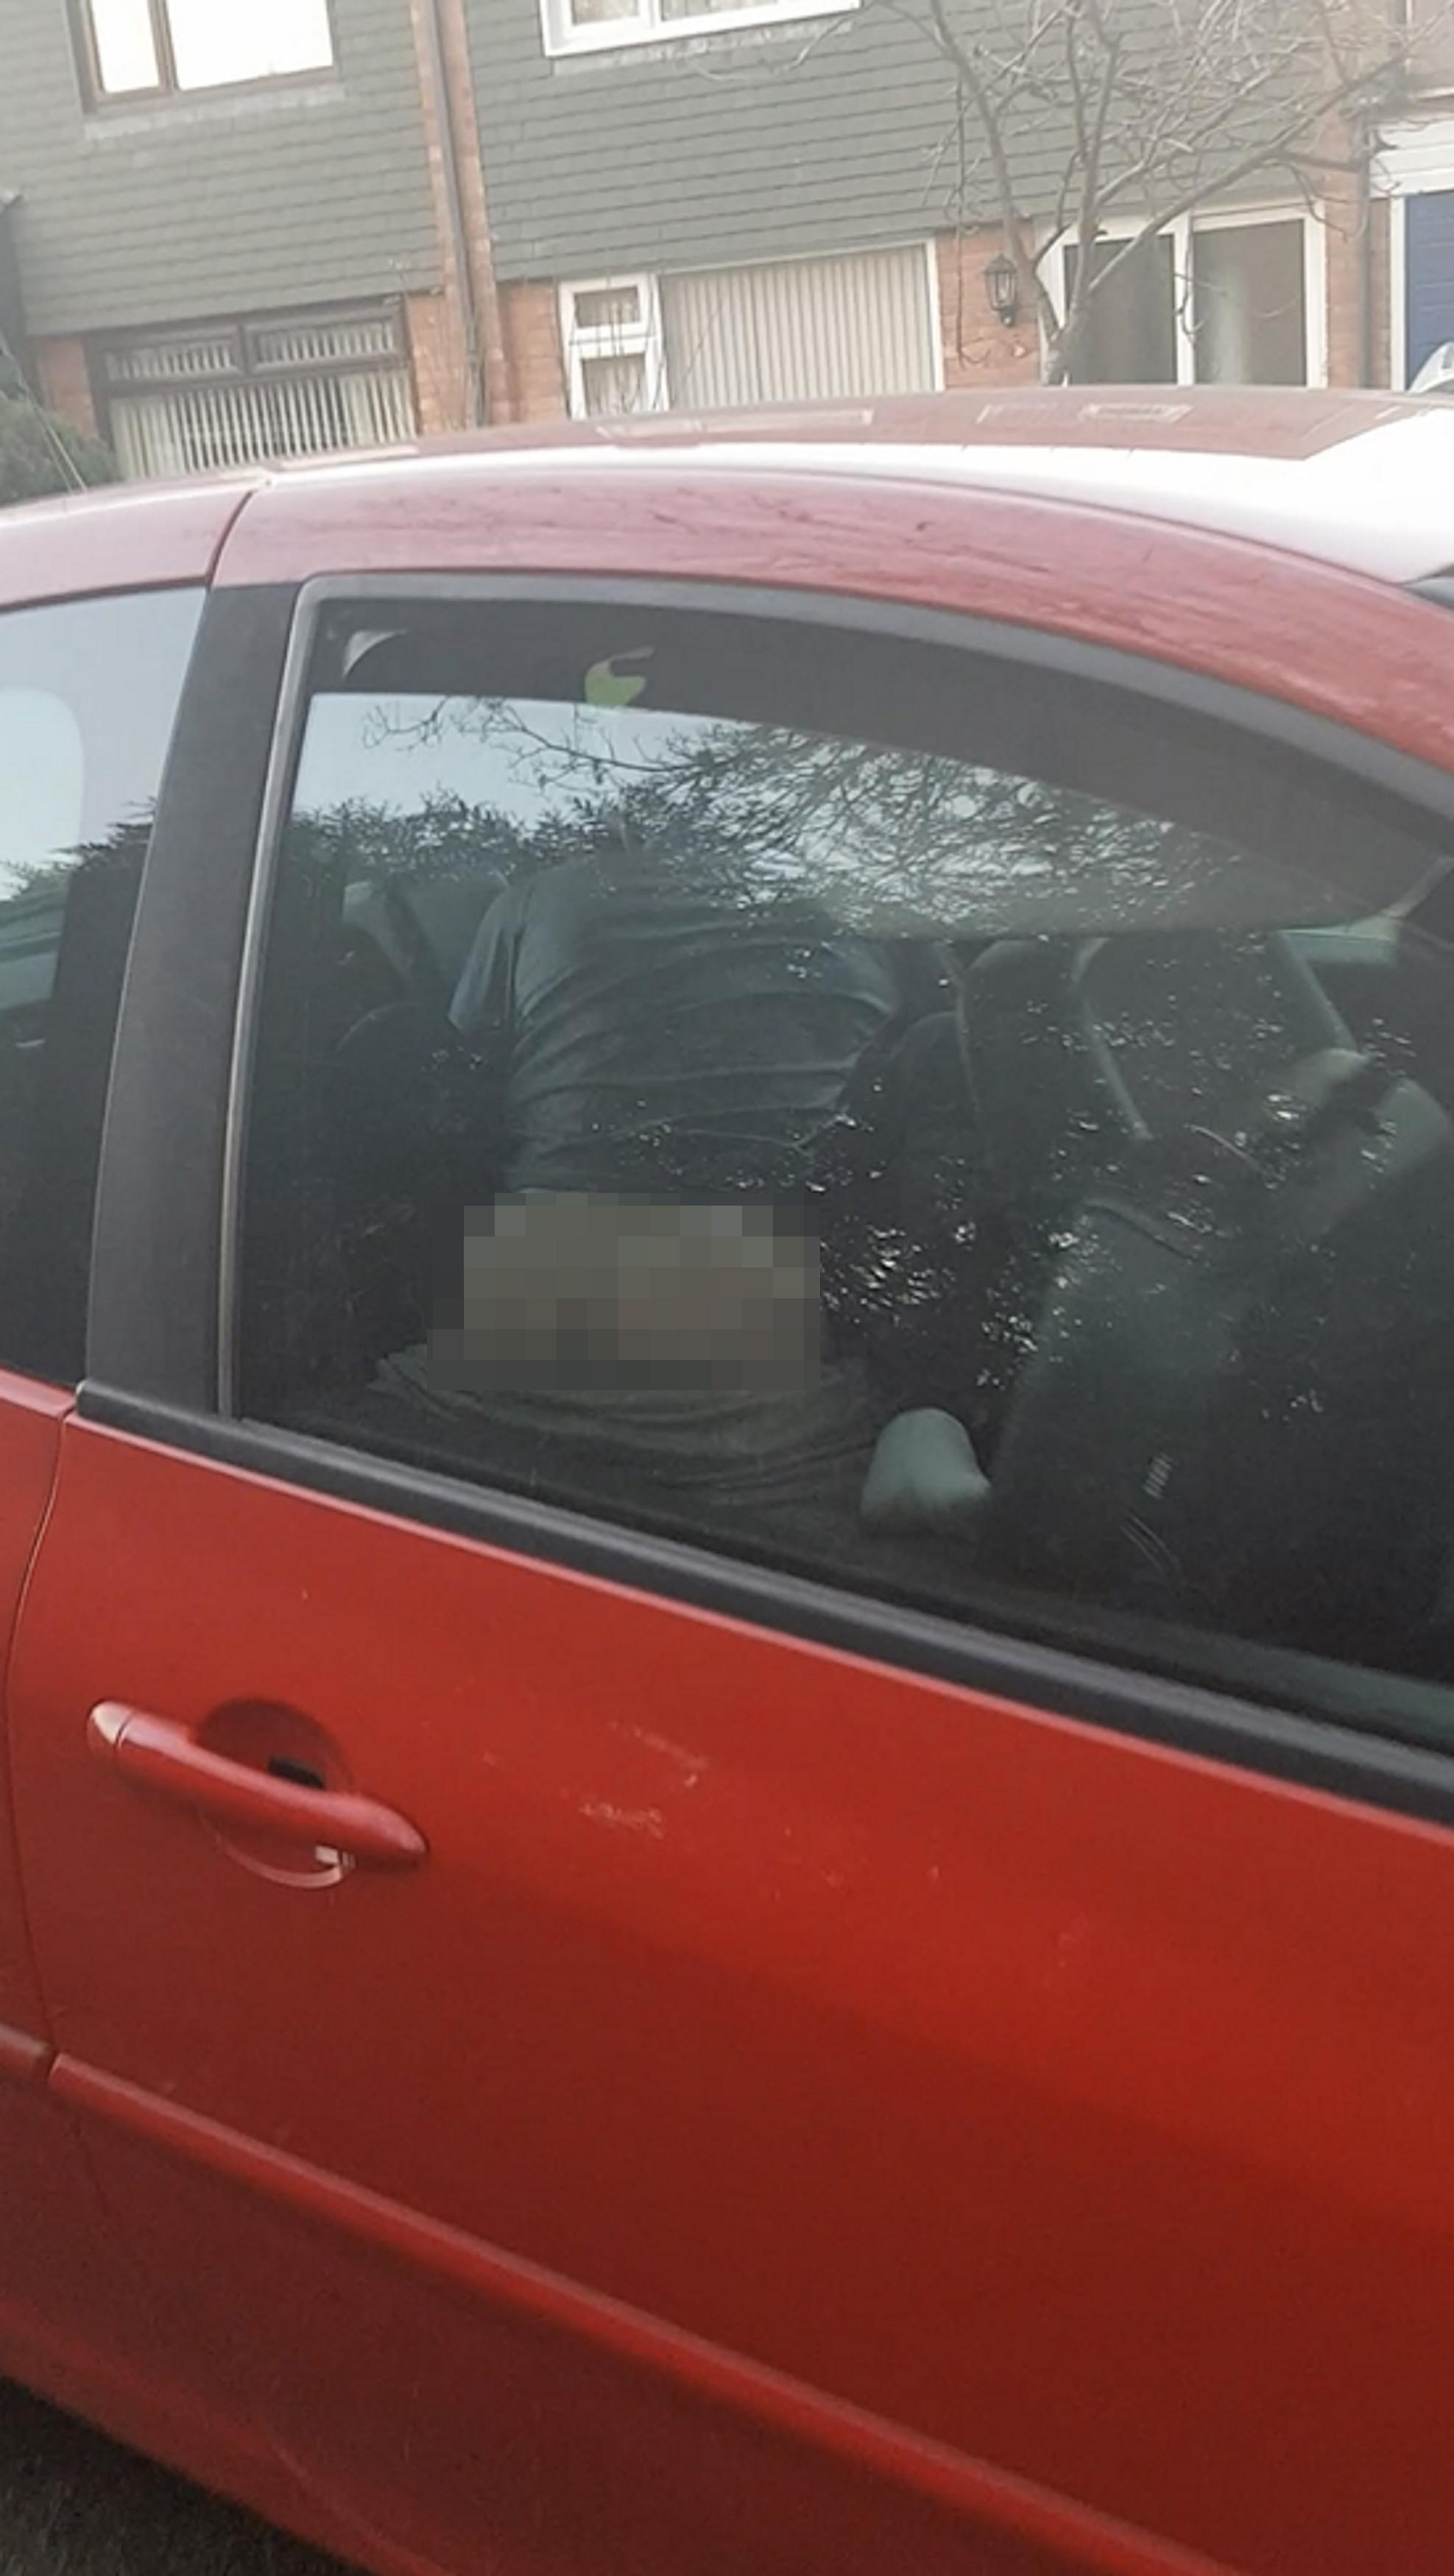 海外のカーセックス、こっそり撮影するもサービス精神満載でワロタwww(画像あり)・13枚目